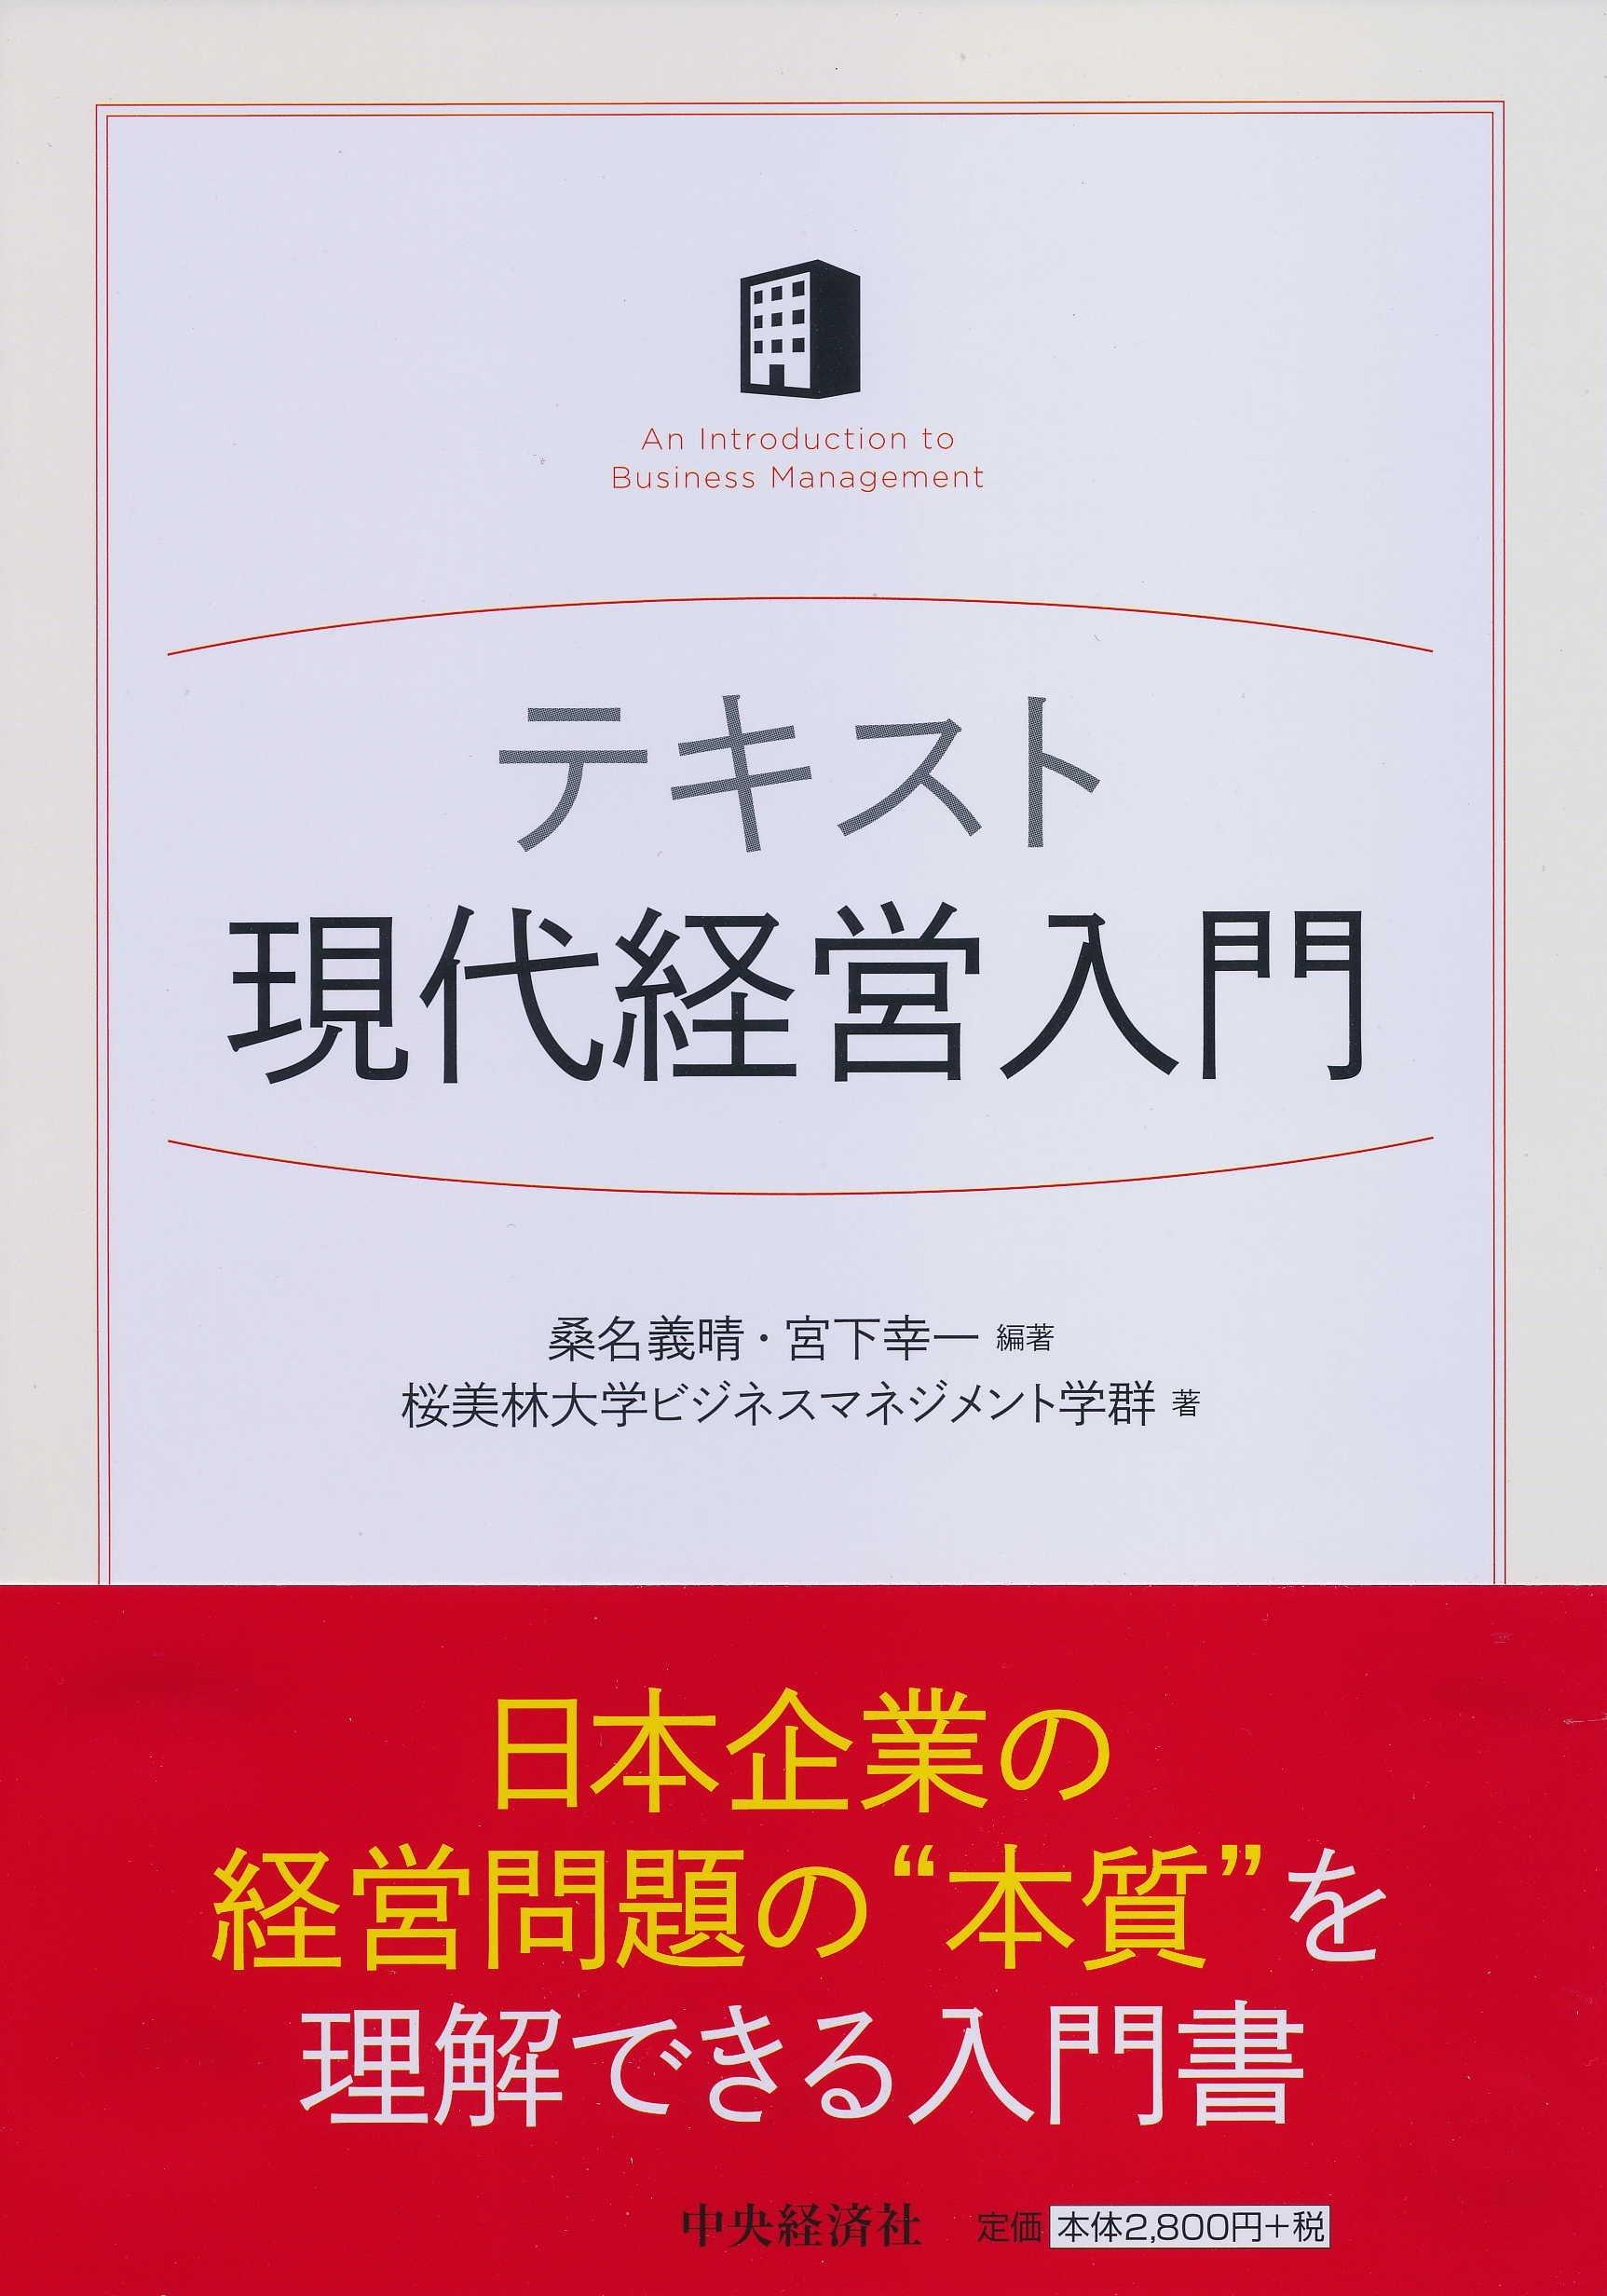 桑名義晴 (桜美林大学)、宮下幸一 (桜美林大学) 編著 『テキスト現代経営入門』